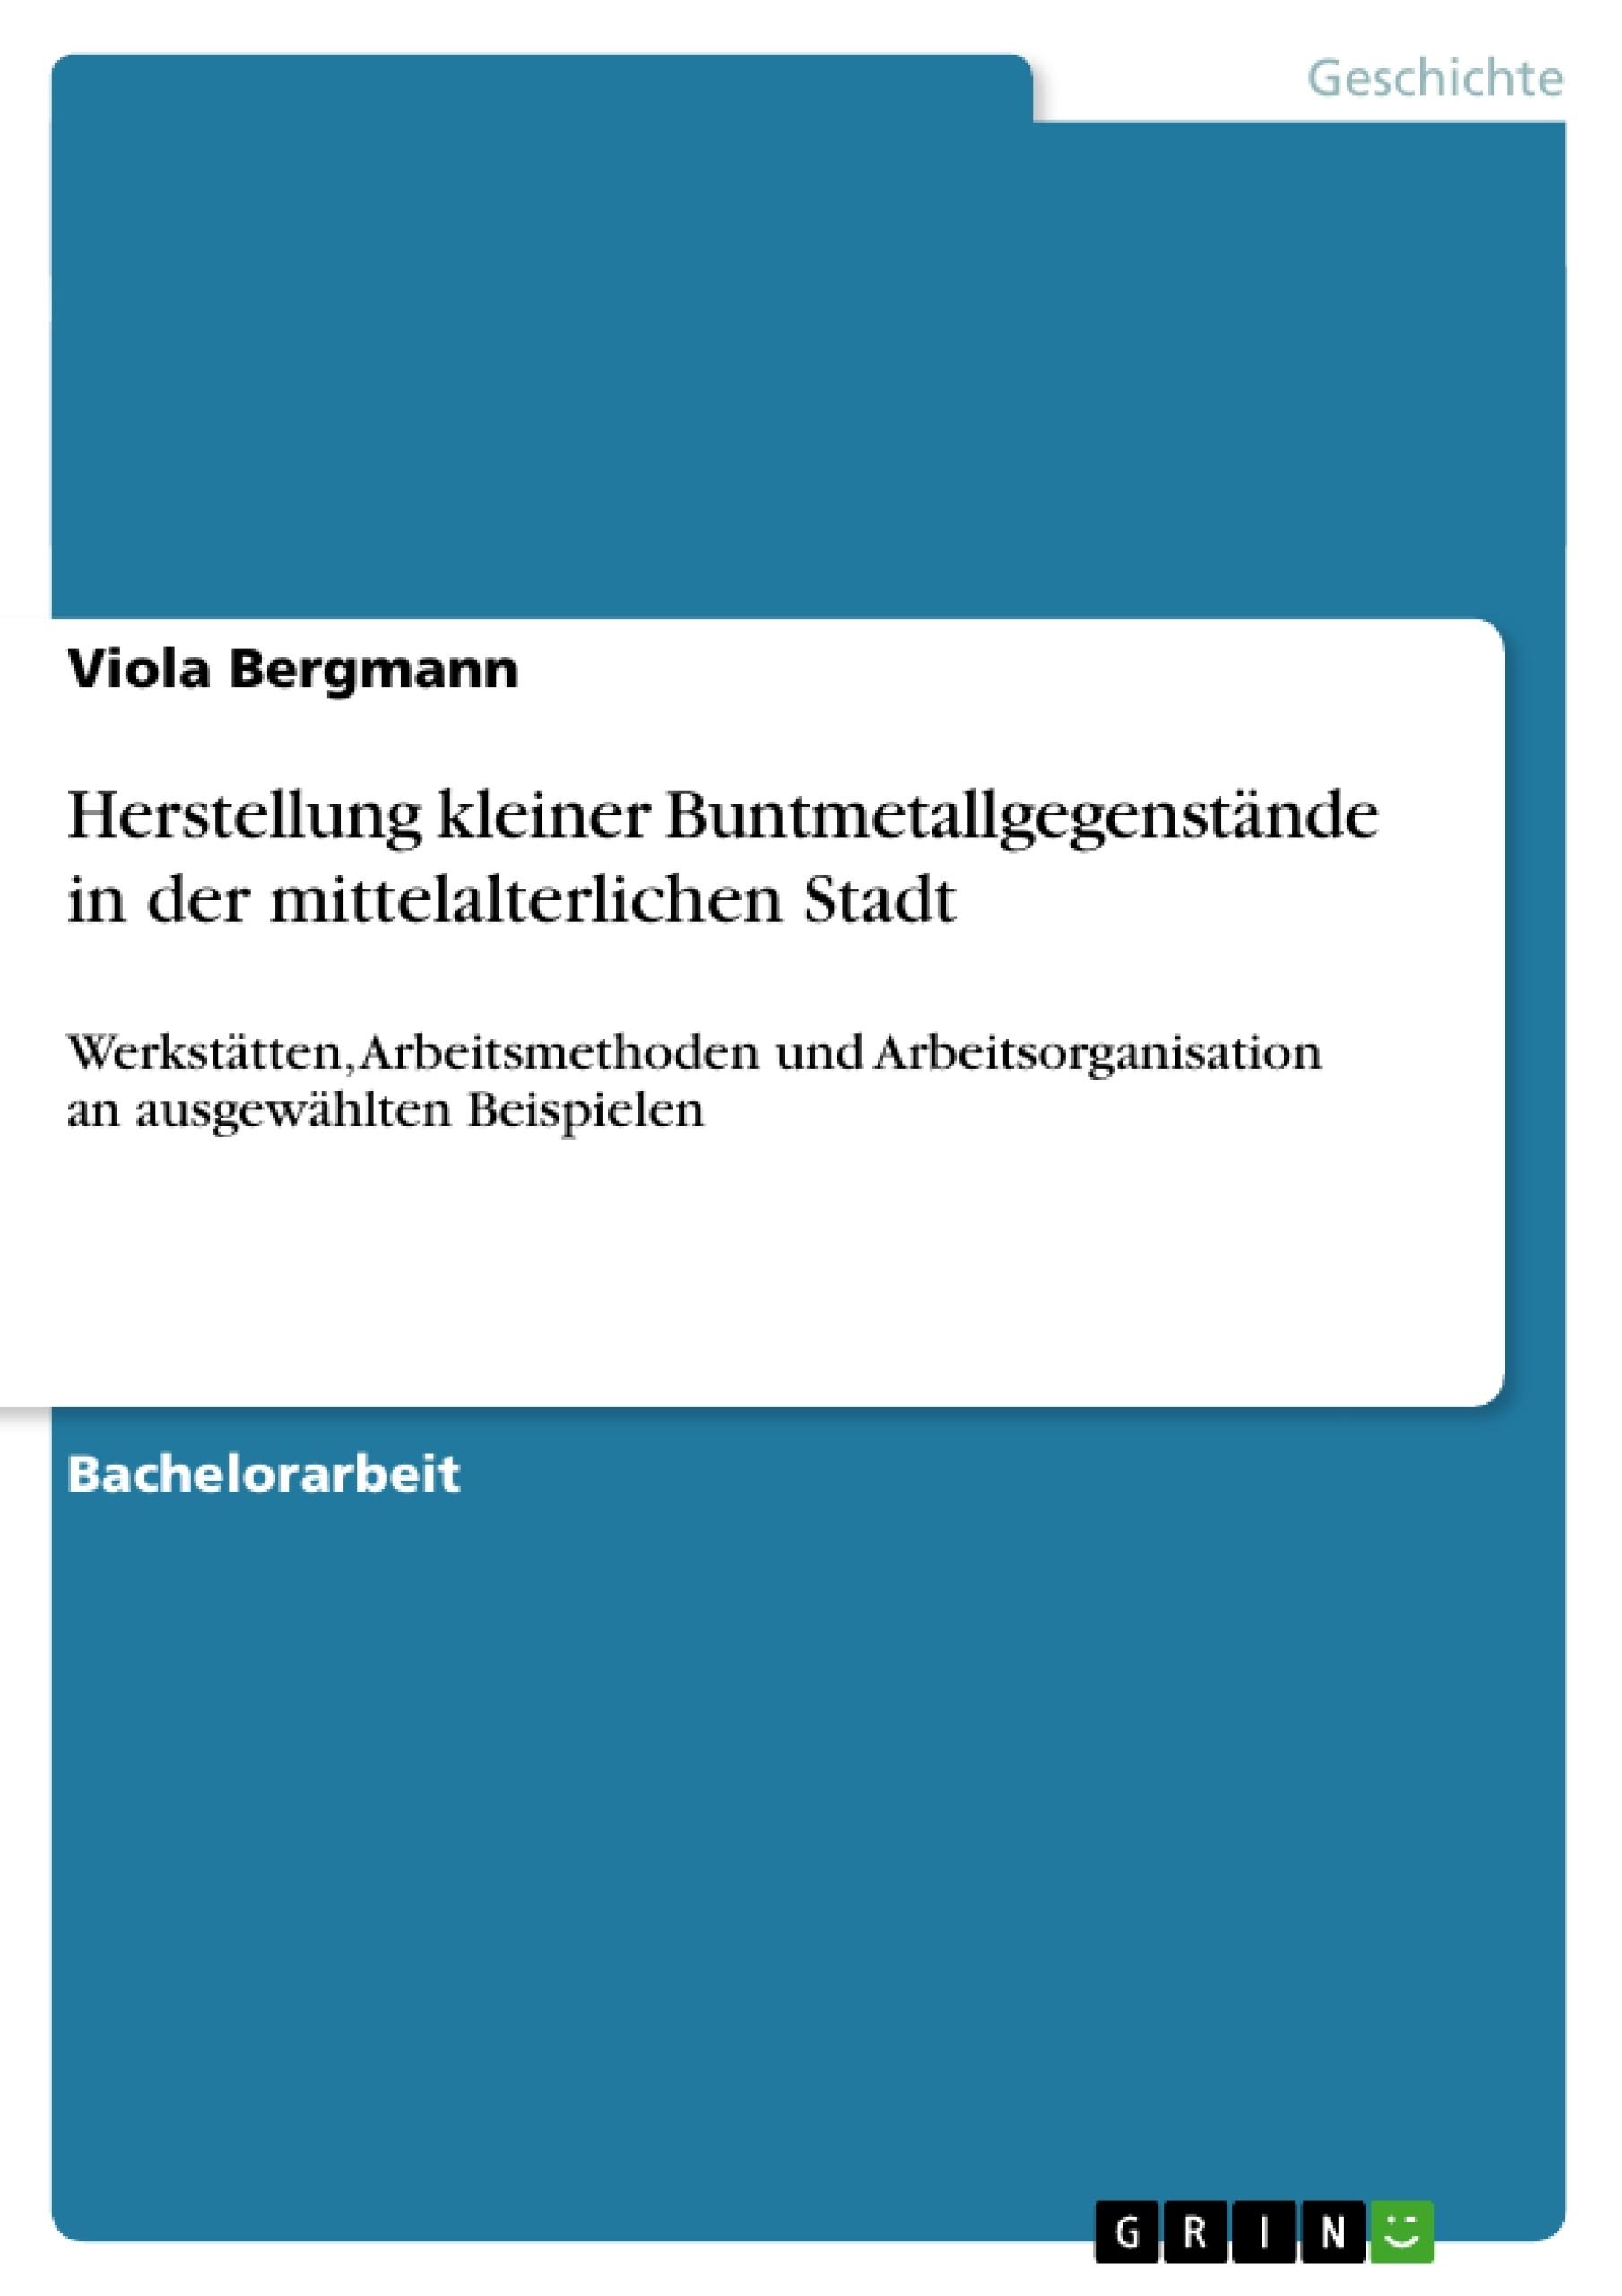 Titel: Herstellung kleiner Buntmetallgegenstände in der mittelalterlichen Stadt